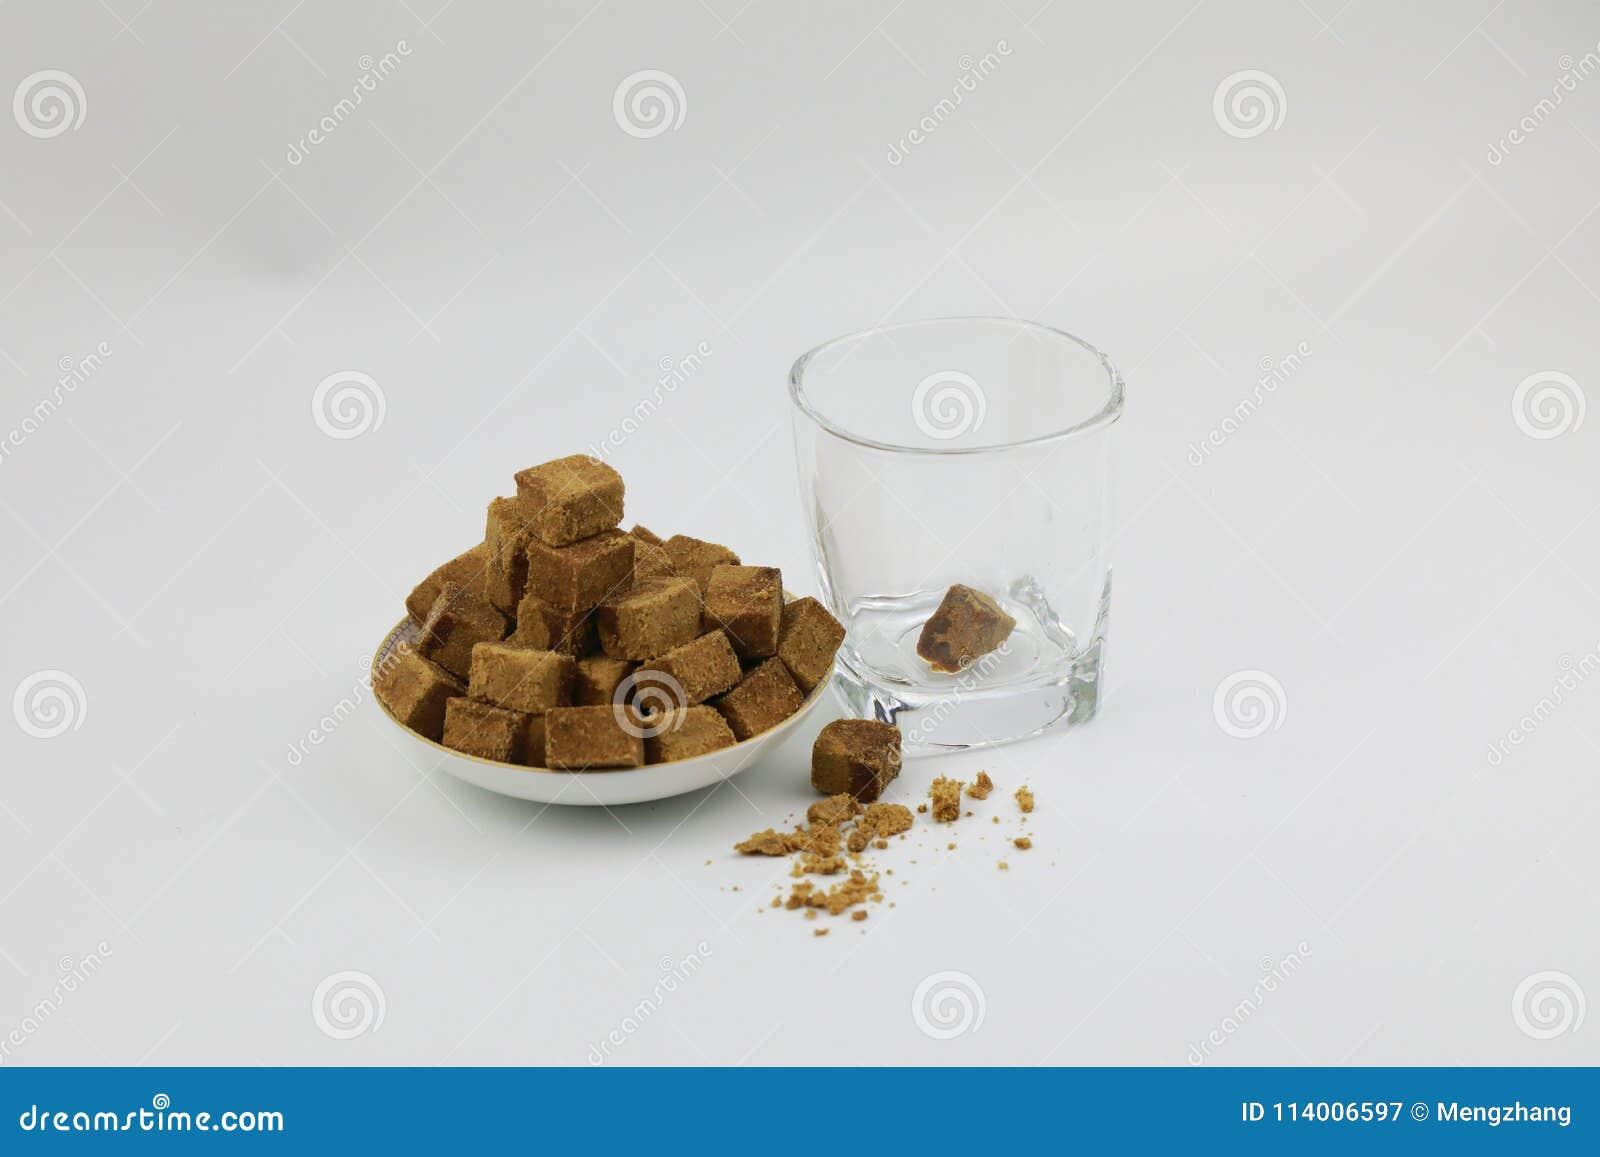 Uma placa do açúcar mascavado cuba o açúcar da rocha, vidro transparente de A ao lado, uma parte de açúcar mascavado no vidro no